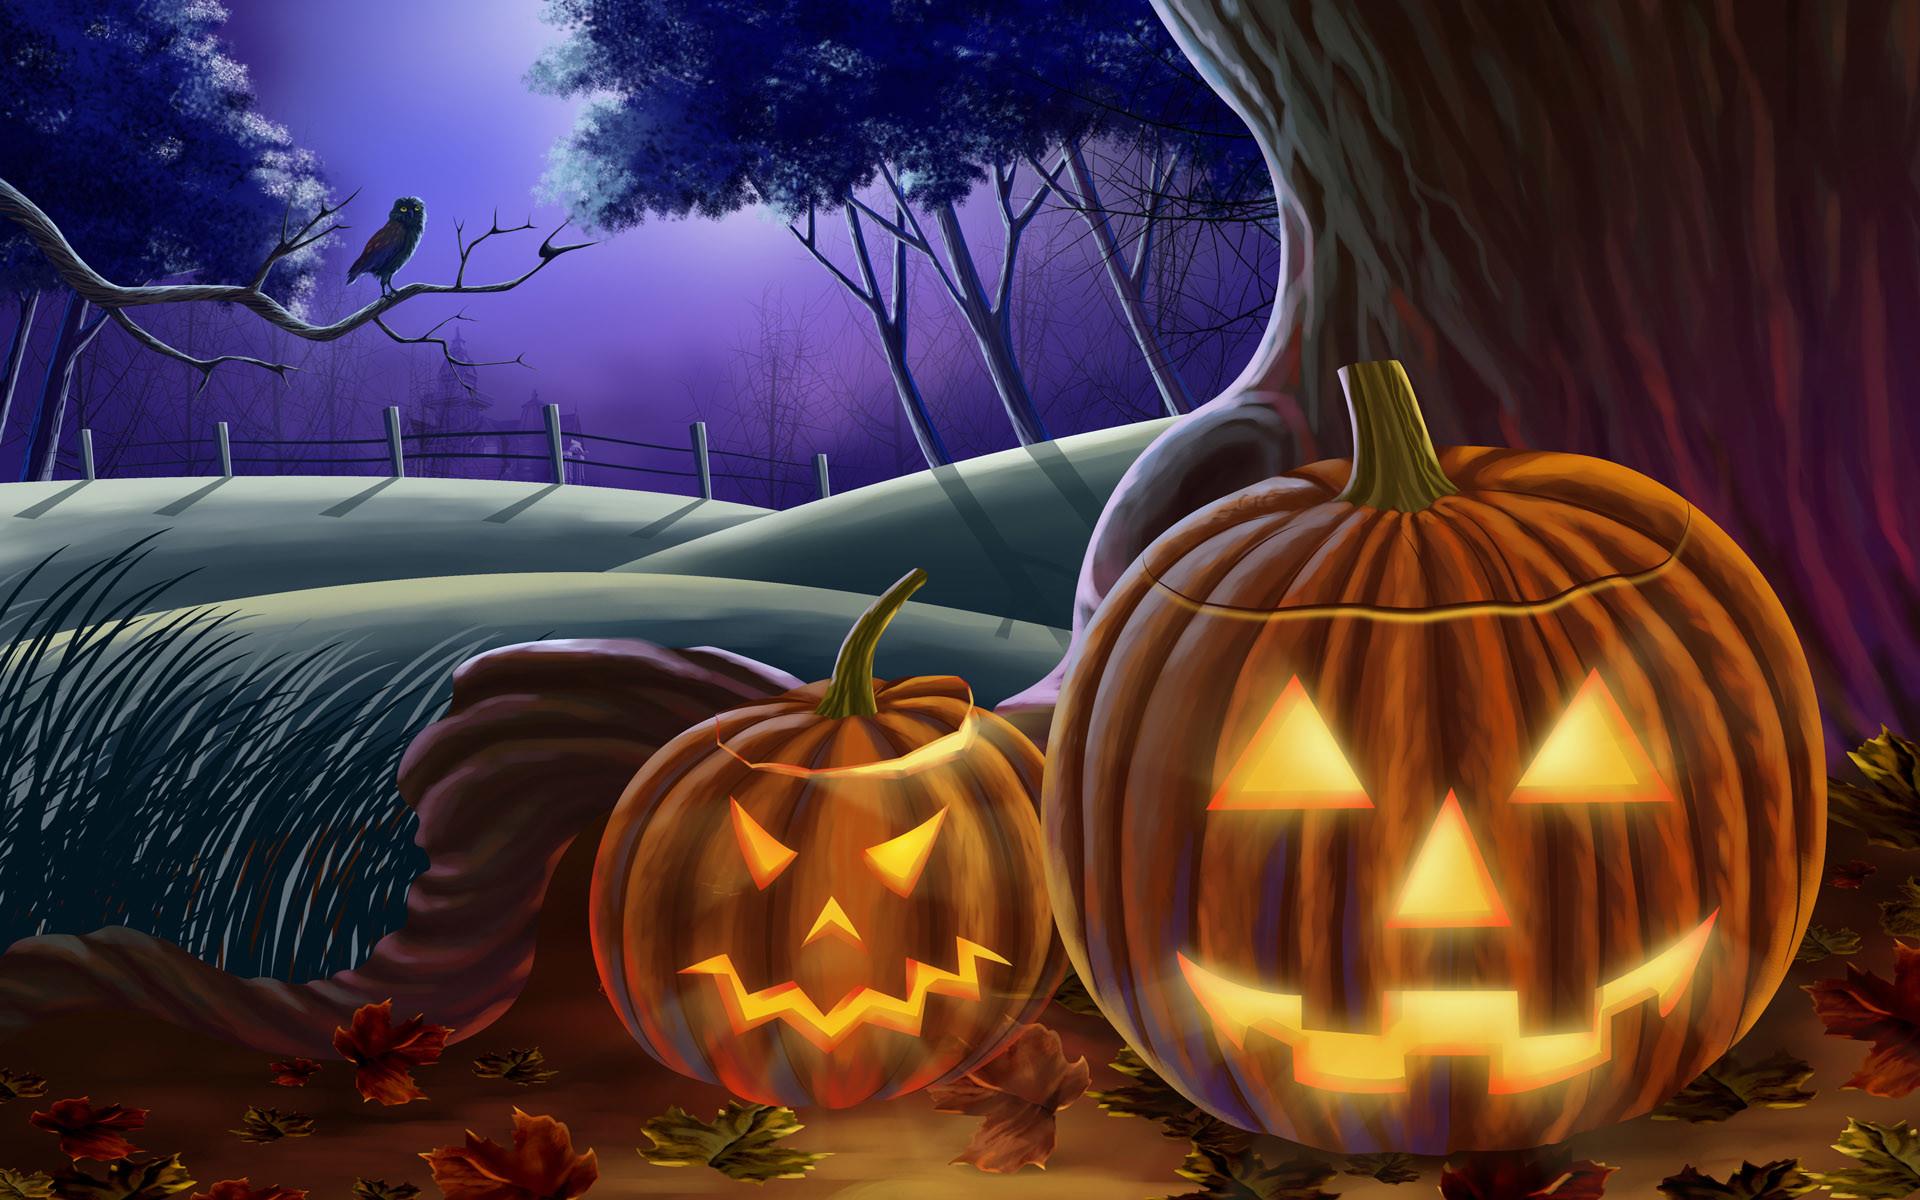 Halloween Wallpaper For Desktop 68 Pictures